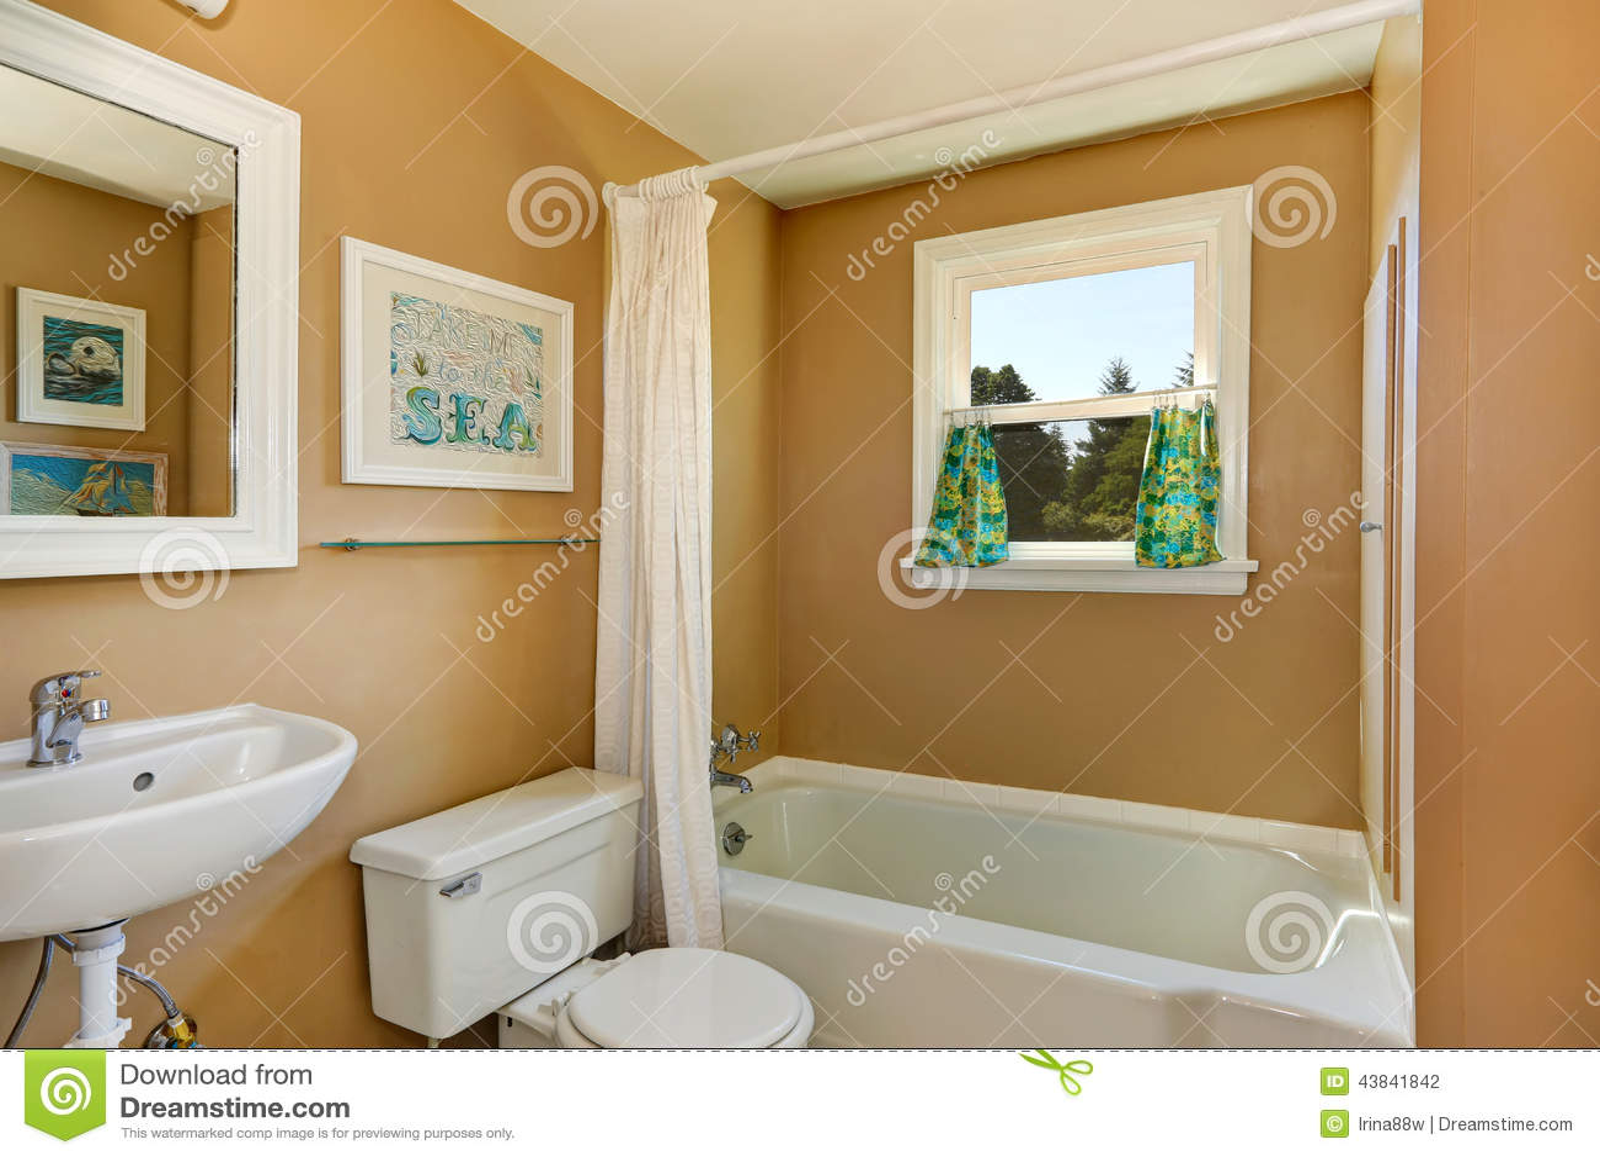 Salle De Bains Simple Beige Avec La Fenêtre Photo stock ...